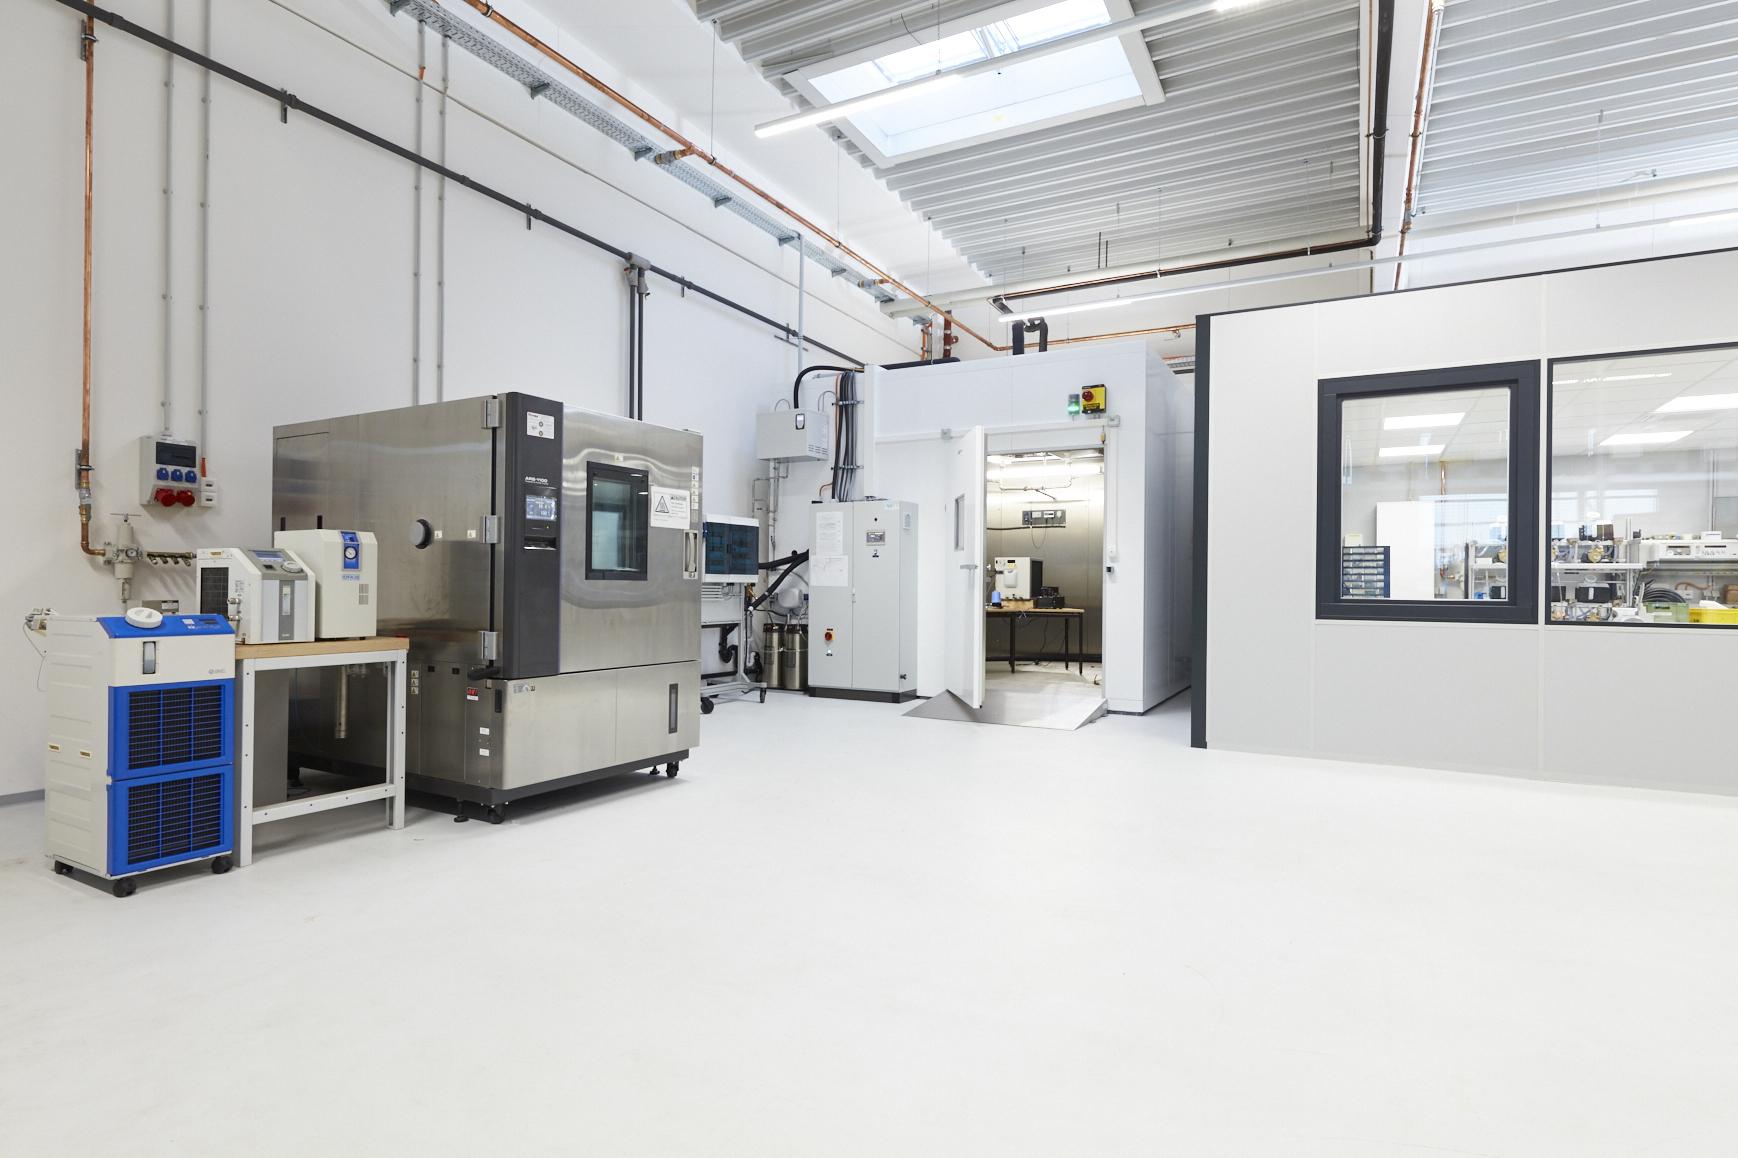 Cool bleiben: Im speziell ausgestatteten und klimakontrollierten Arbeitsbereich für Kühl- und Temperiergeräte wartet SMC Leihgeräte, realisiert Kundentests und begleitet Neu- und Weiterentwicklungen.